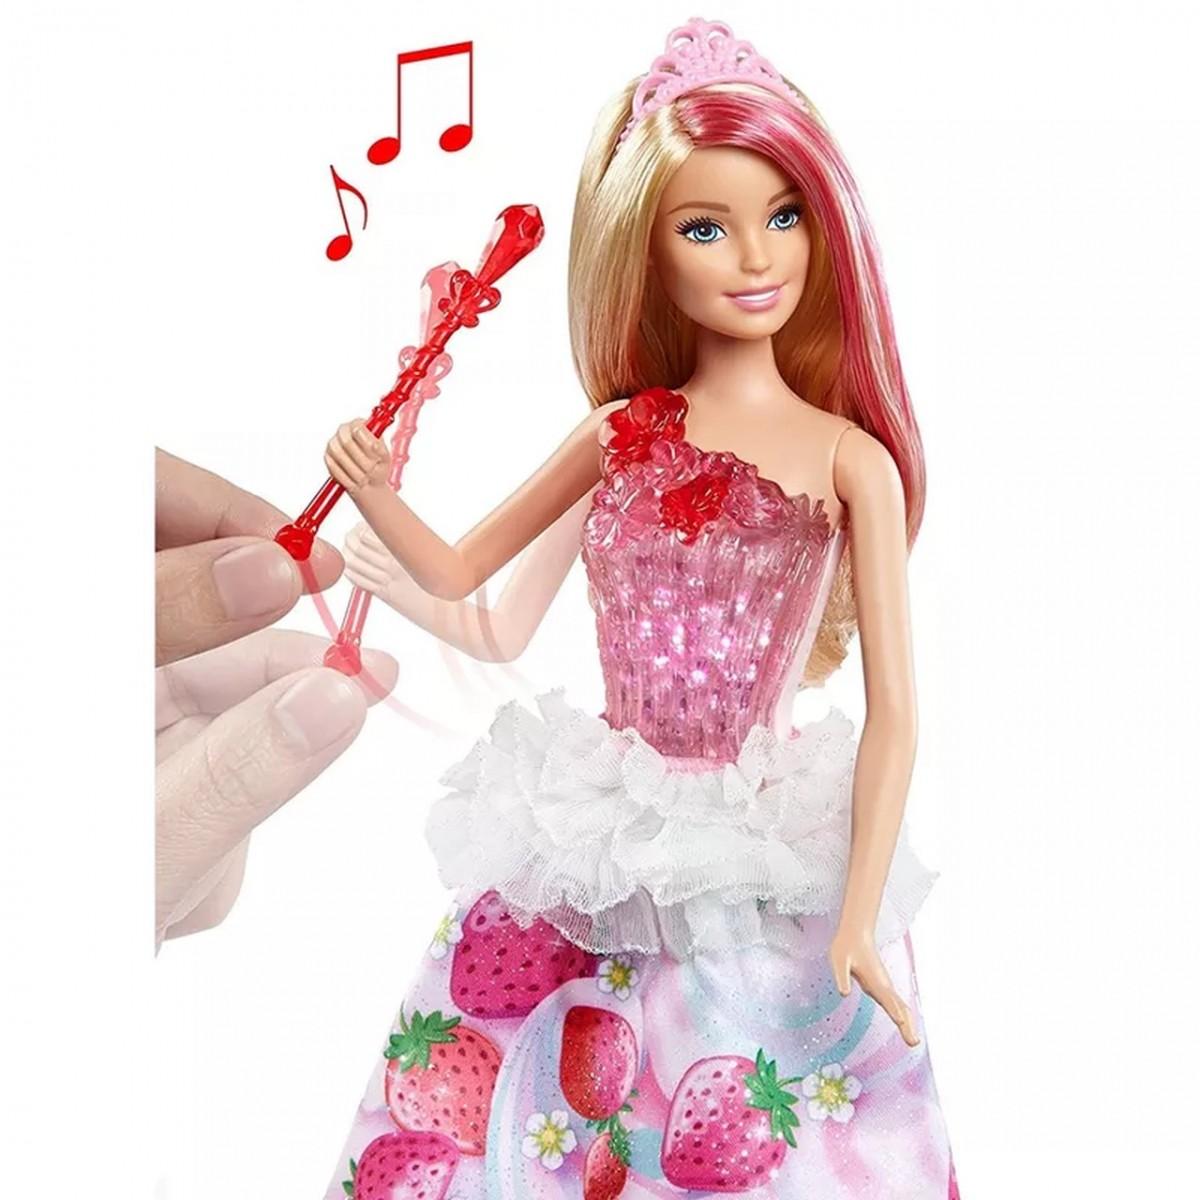 Boneca Barbie Dreamtopia: Princesa Reino dos Doces